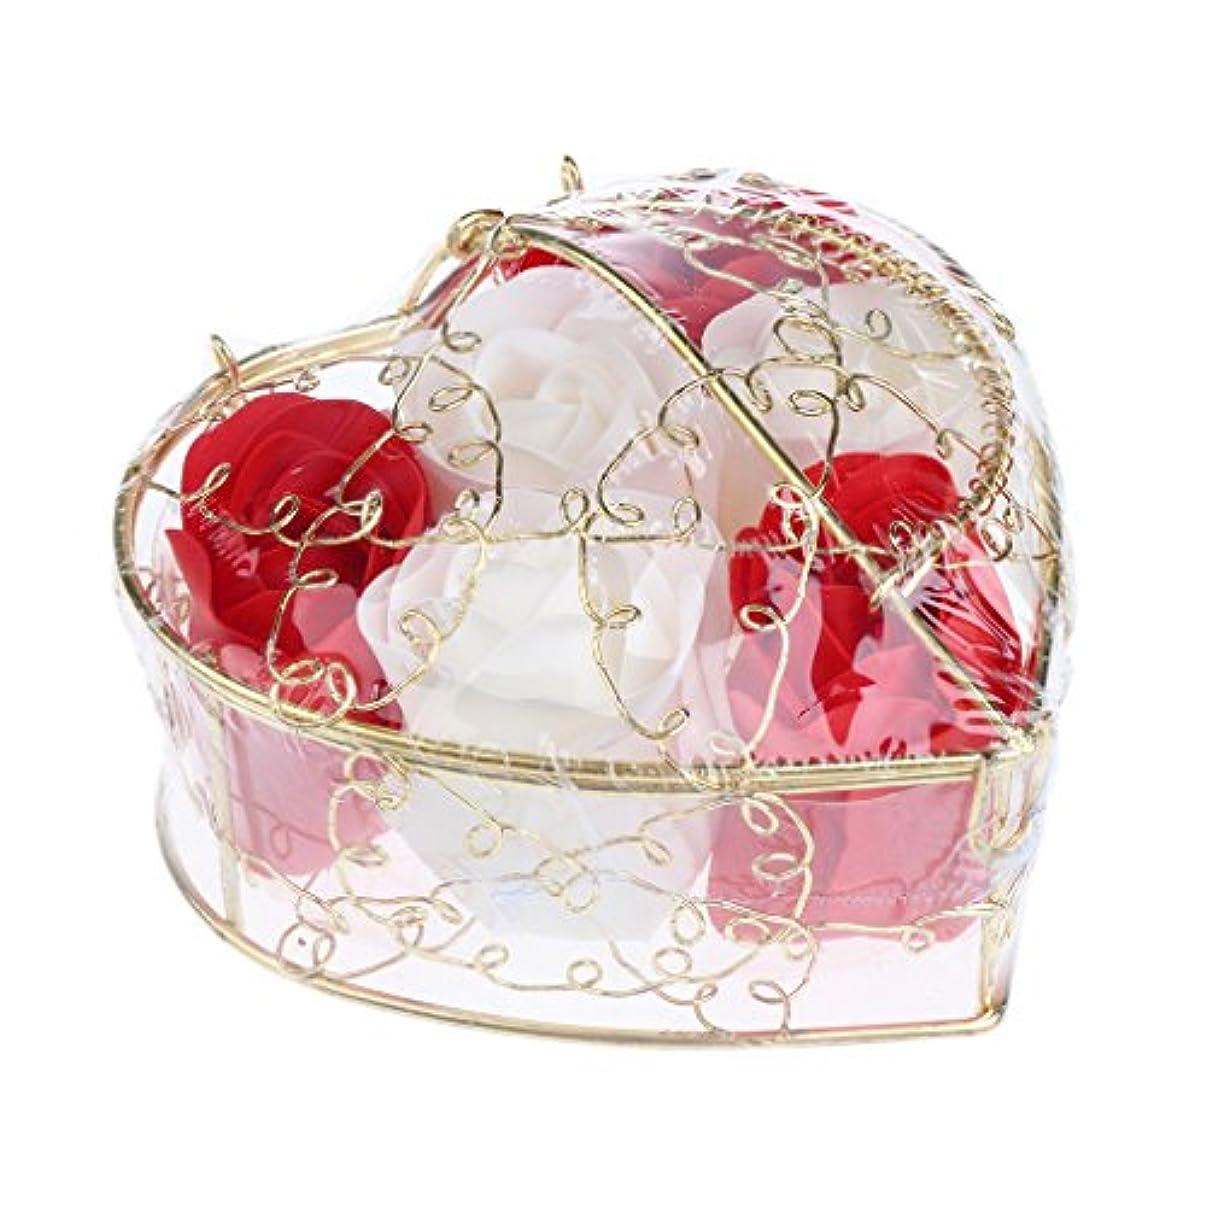 ジャケット番号極端なFenteer 6個 ソープフラワー 石鹸の花 バラ 心の形 ギフトボックス  バレンタインデー  ホワイトデー  母の日 結婚記念日 プレゼント 全5タイプ選べる - 赤と白